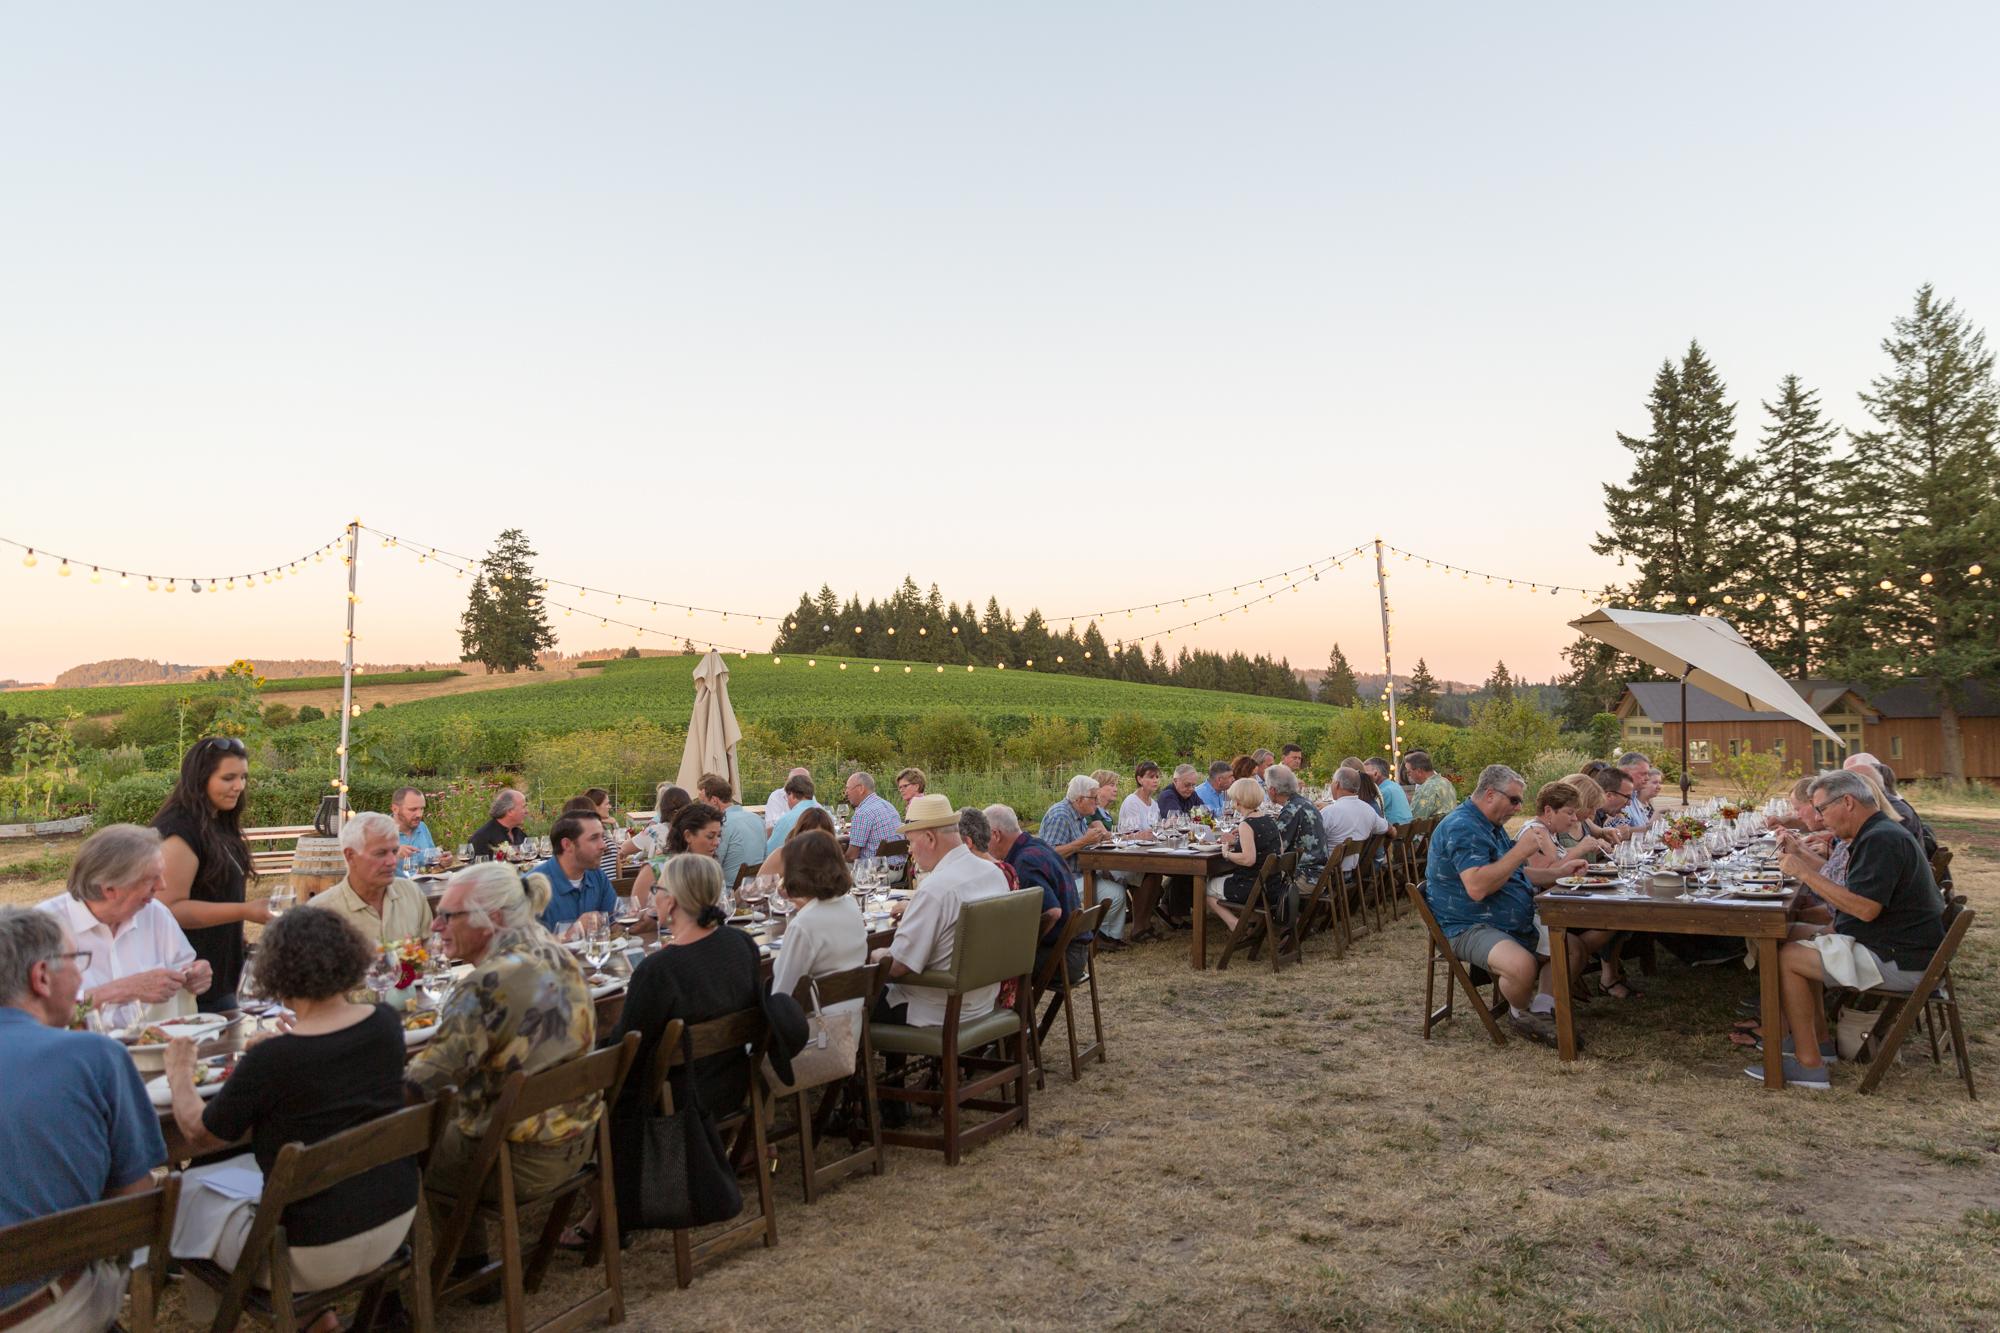 c stoll soter ipnc 2018 farm spirit pdx handmade supper outdoors.jpg